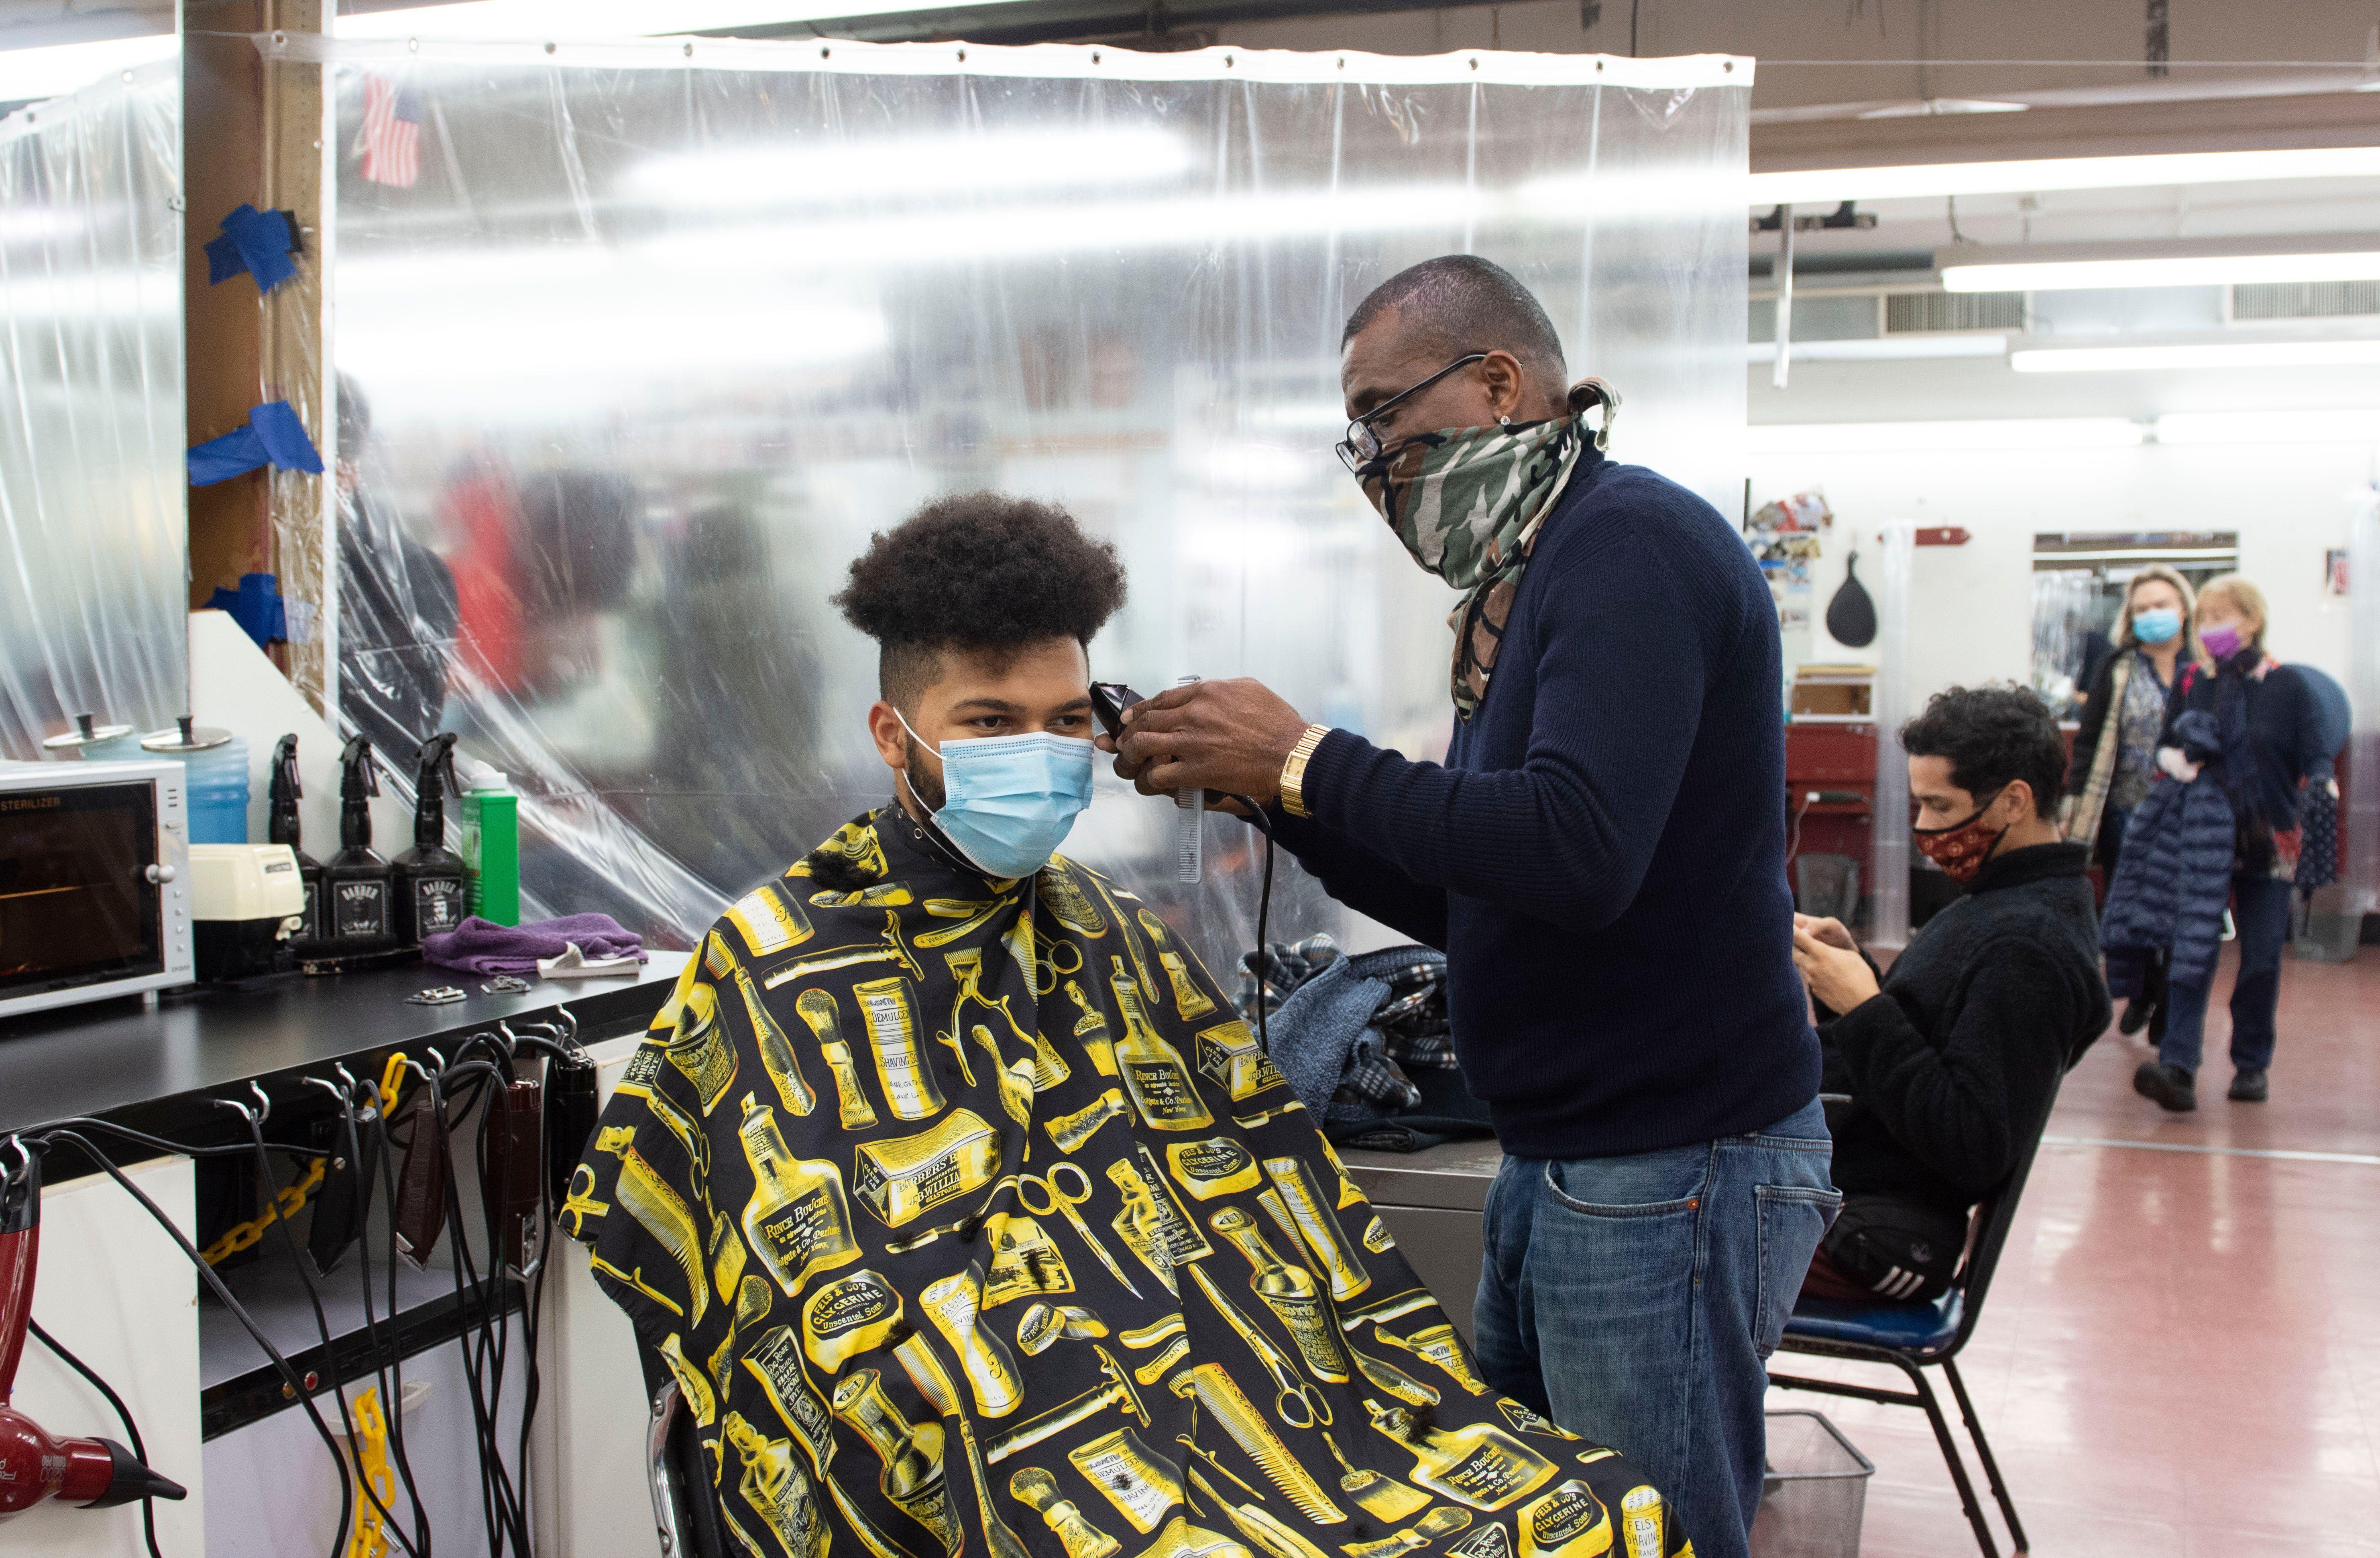 Haircut at Astor Hair